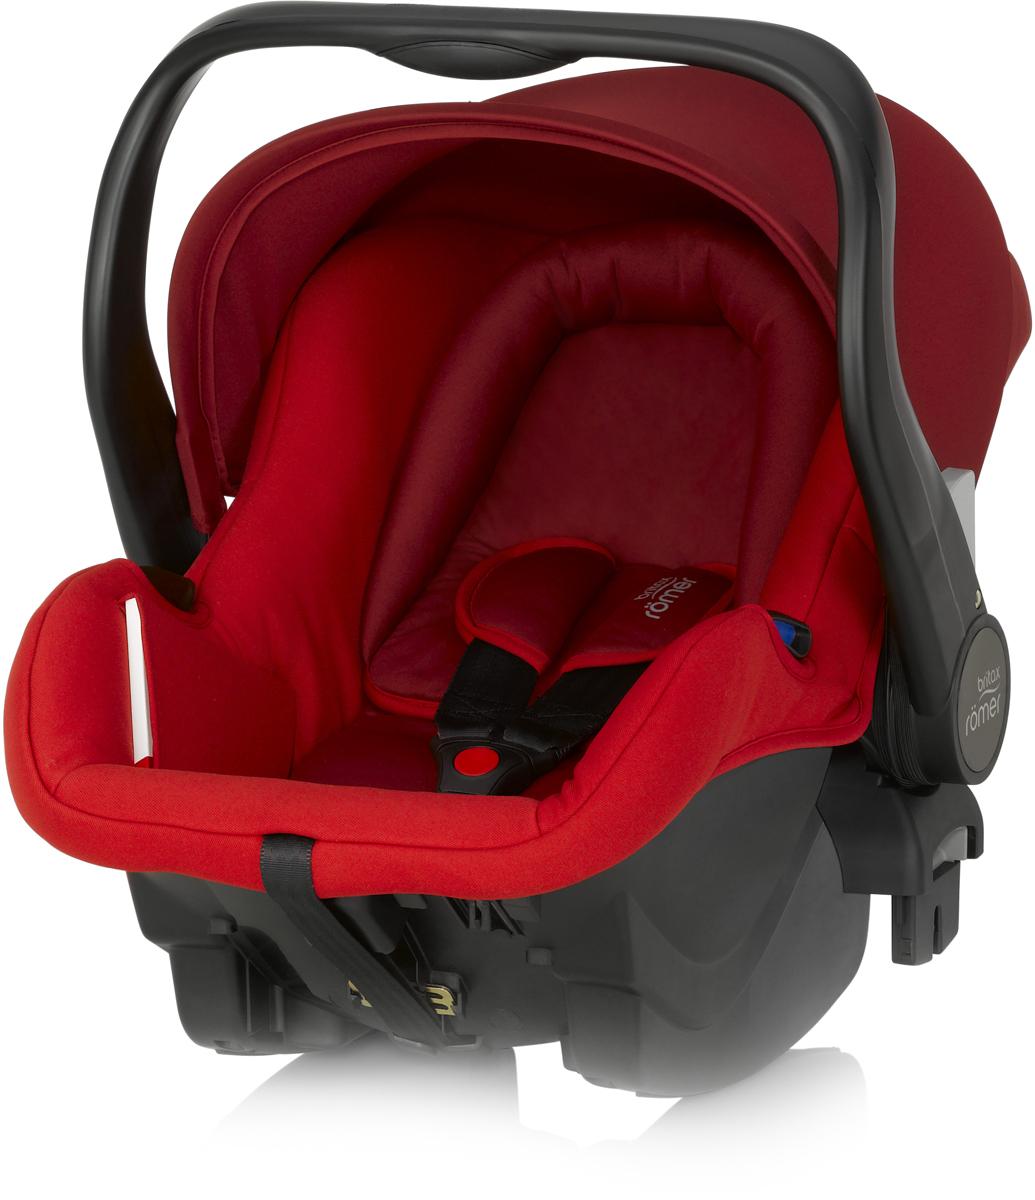 Romer Автокресло Primo Flame Red до 13 кг2000023038Автокресло Romer Primo группы 0+ предназначено для детей весом до 13 кг (от рождения до 12 месяцев). Автокресло было разработано для родителей, которые ценят комфорт ребенка, простоту в обращении и удобство установки в любом автомобиле. Удобная ручка для переноса, регулируемый капюшон, встроенные адаптеры для коляски, оснащенной системой CLICK & GO, вставка для новорожденных из двух частей, легкость и простота установки в автомобиле - идеальное сочетание для создания Travel System - собственной системы путешествий. Автокресло Romer Primo создано, чтобы приносить только положительные эмоции.Особенности:Внутренний 3-точечный ремень безопасности регулируется всего одним движением руки.Специальный вкладыш для новорожденных, состоящий из 2 частей (подголовника с мягкими бортиками и подушки под спину), обеспечивает комфорт и безопасность во время сна. При необходимости вынимается, увеличивая свободное пространство внутри автокресла.Совместимость с детскими колясками BRITAX, оснащенными механизмом CLICK & GO.Съемный капор для защиты от солнца и ветра с защитой от УФ-излучения 50+. Эргономичная ручка для переноски: для ношения и использования в авто; для укладывания ребенка; для надежной установки за пределами автомобиля.Быстросъемный моющийся чехол с мягкой подкладкой, не требующий расцепления ремня безопасности.Изогнутое основание для укачивания или кормления.Глубокие боковины с мягкой обивкой и плечевые накладки на внутренних ремнях для еще большего комфорта ребенка.Быстрая и простая установка с помощью 3-точечного ремня безопасности автомобиля или специальной базы PRIMO.